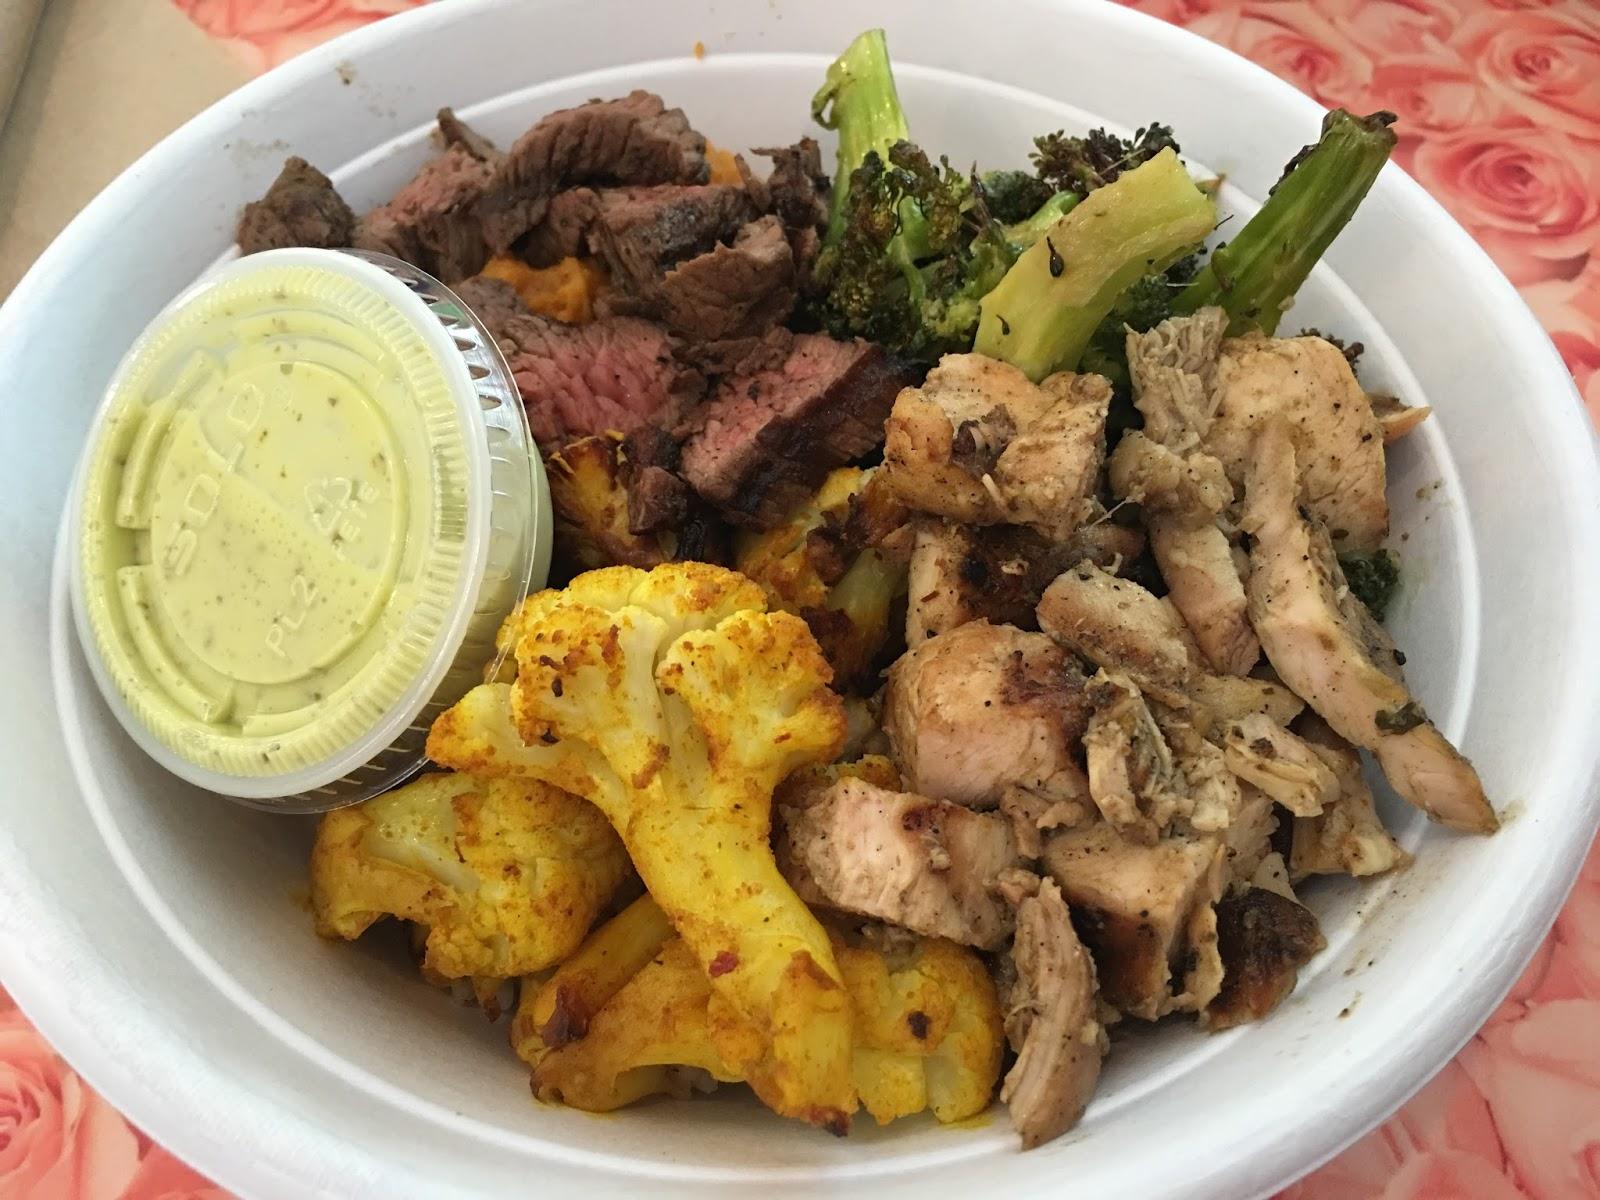 Alexis S Gluten Free Adventures Fresh Kitchen Orlando Tampa St Pete And Sarasota